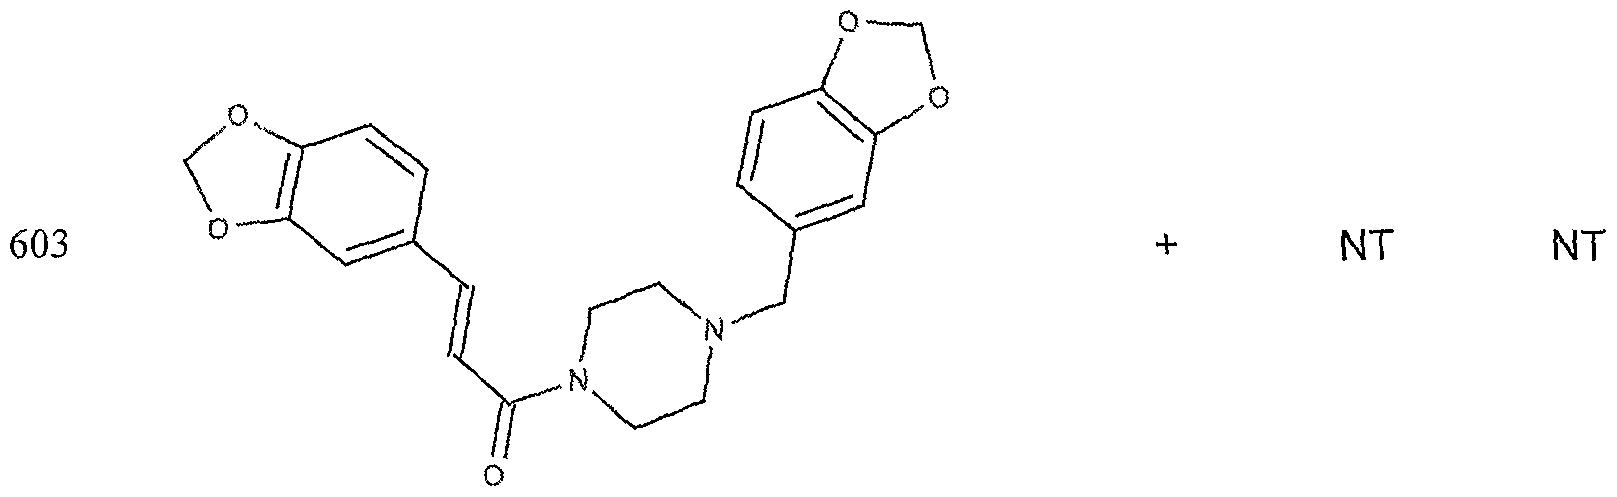 Figure imgf000231_0003